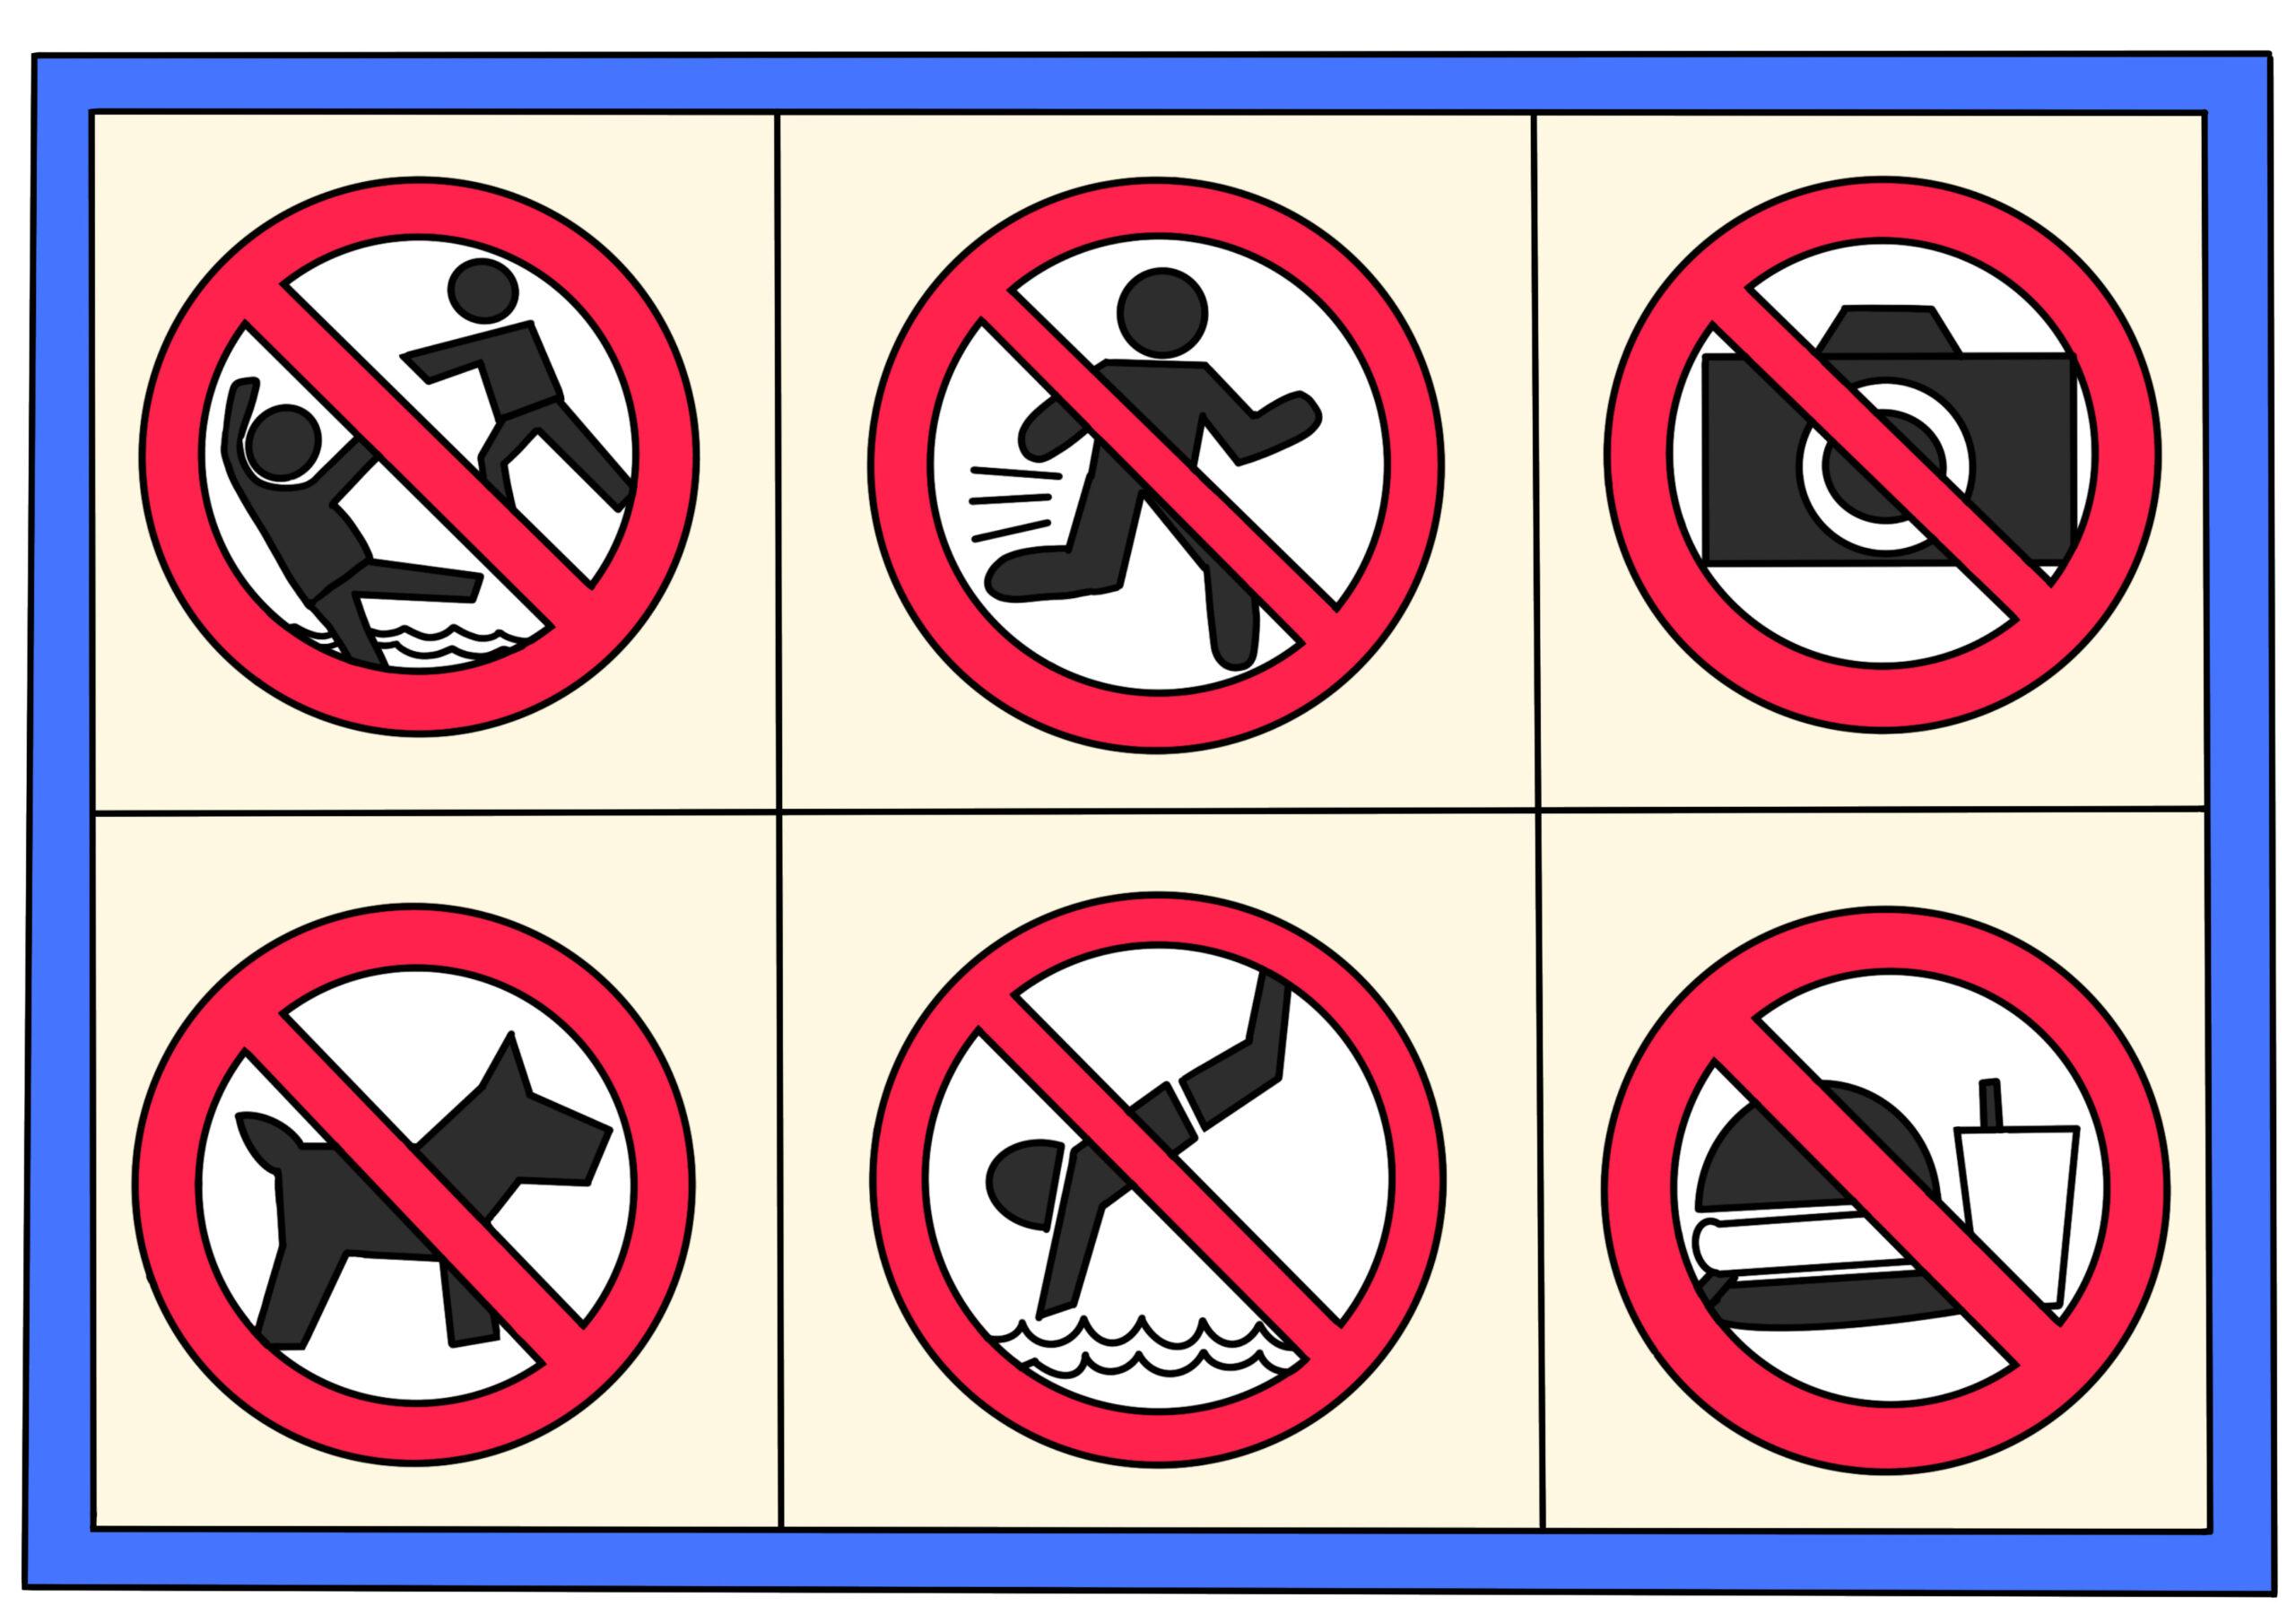 イラスト規則、プールのルール